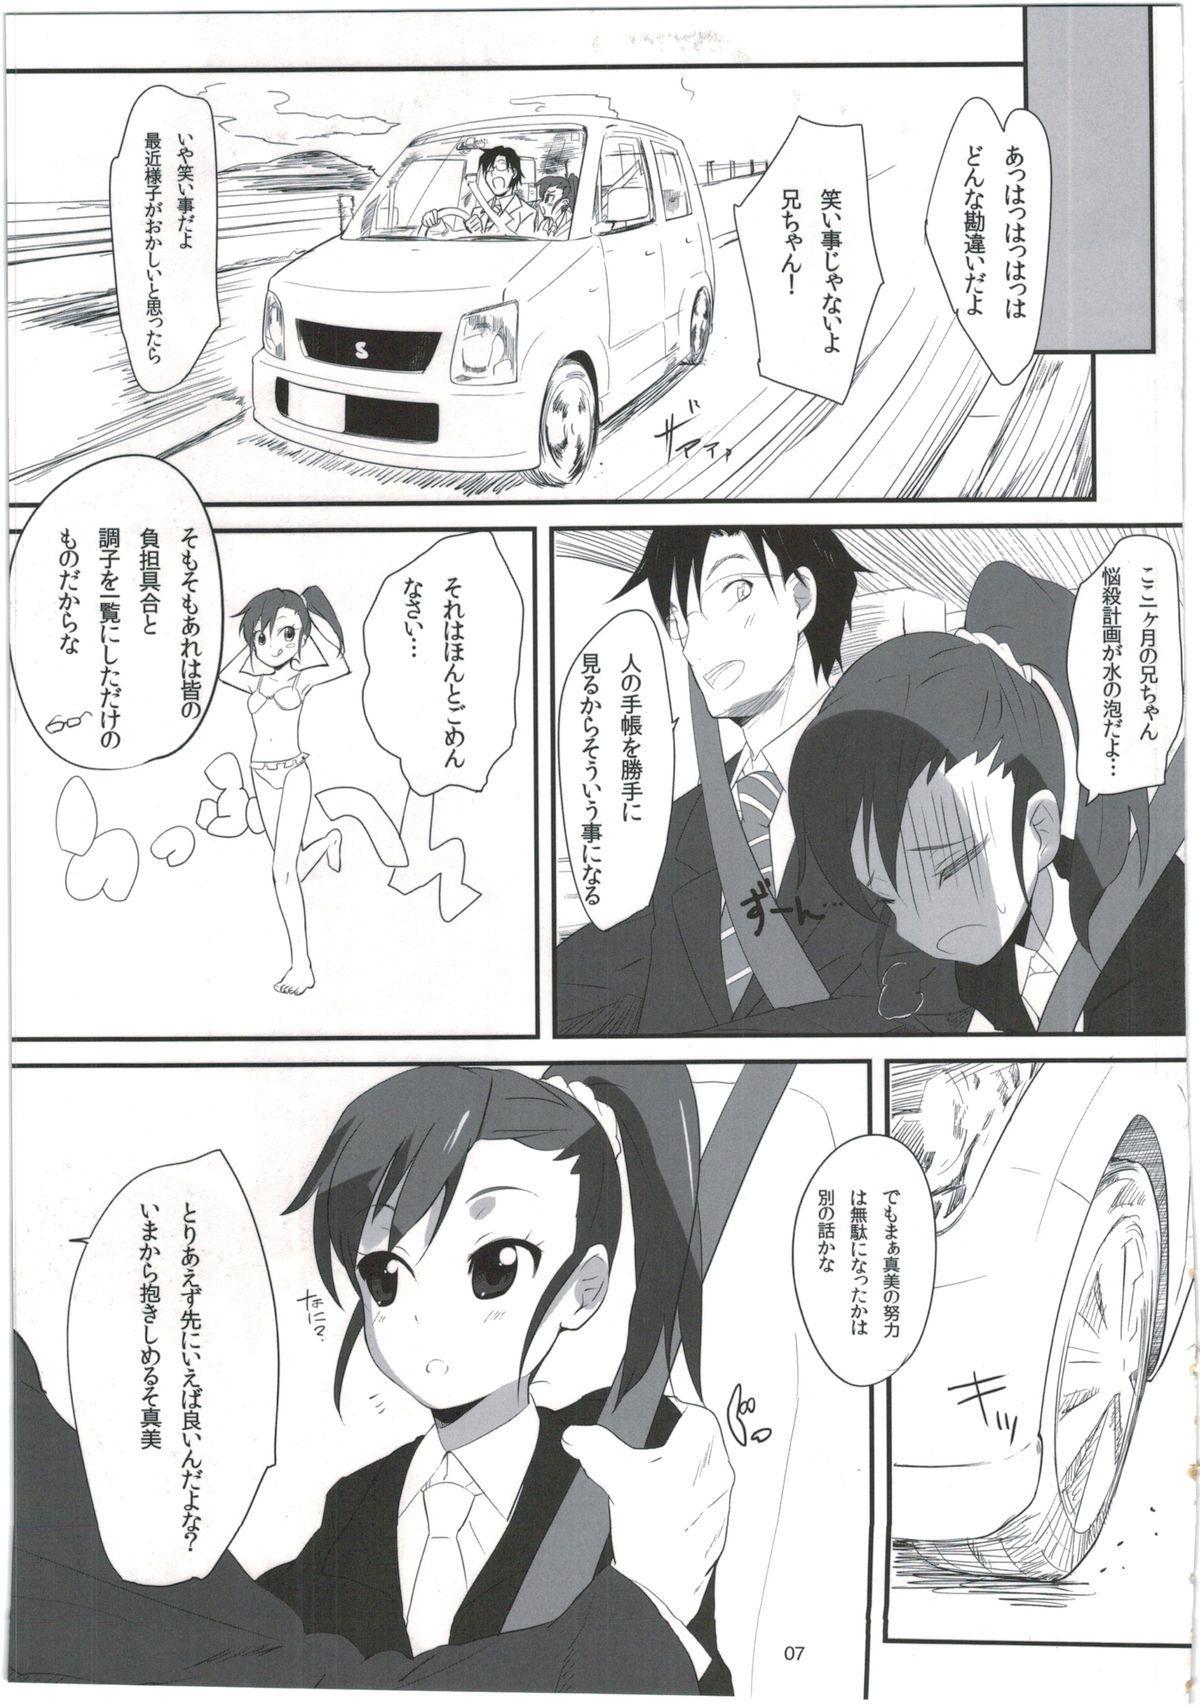 Mami_Kasumi_Oshiri Ecchi+ 6